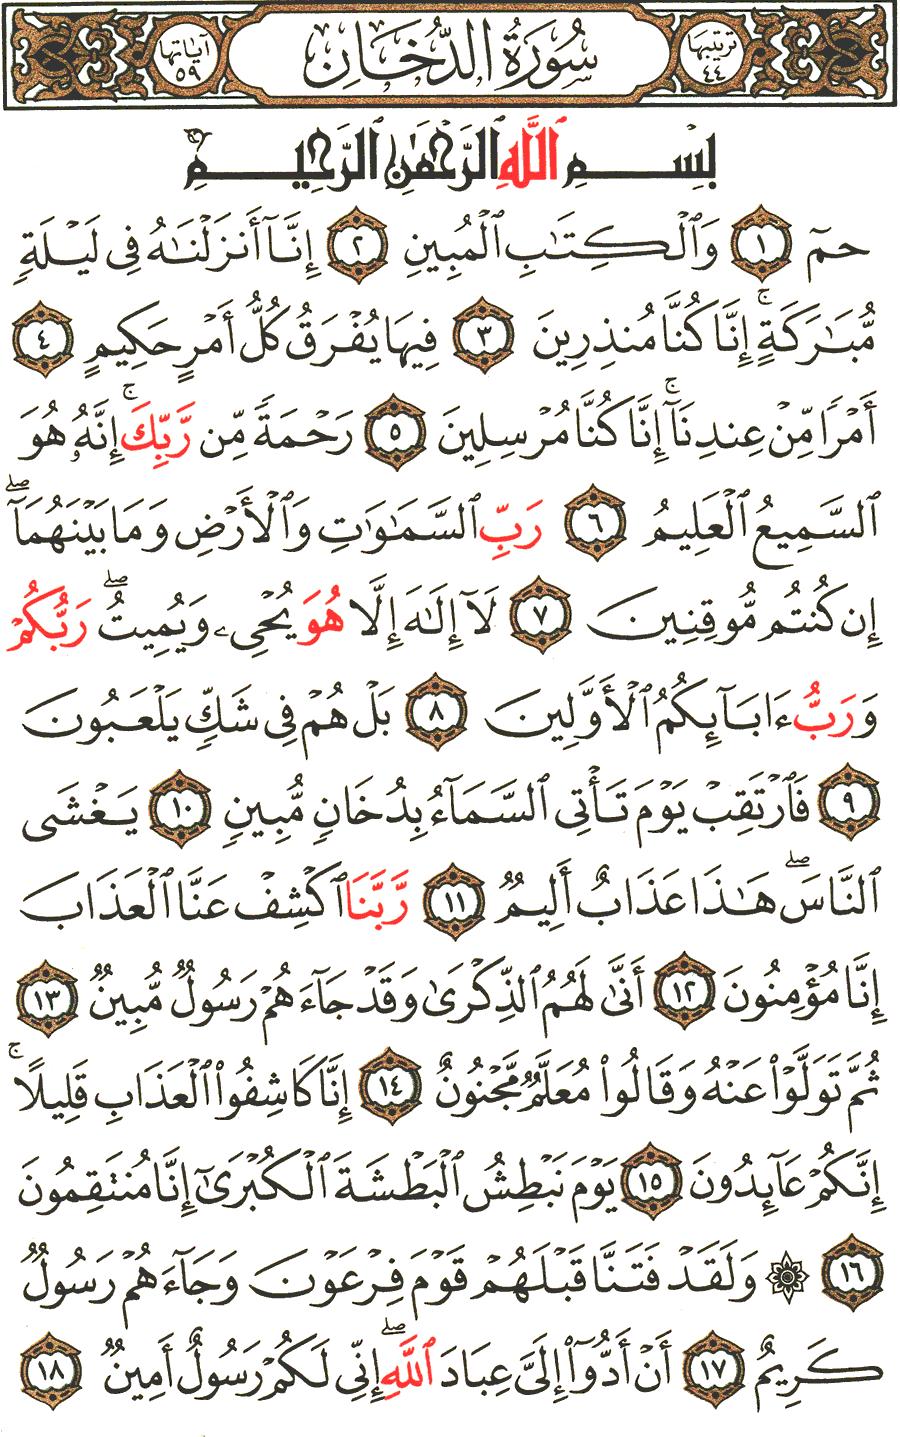 الصفحة رقم 496 من القرآن الكريم مكتوبة من المصحف